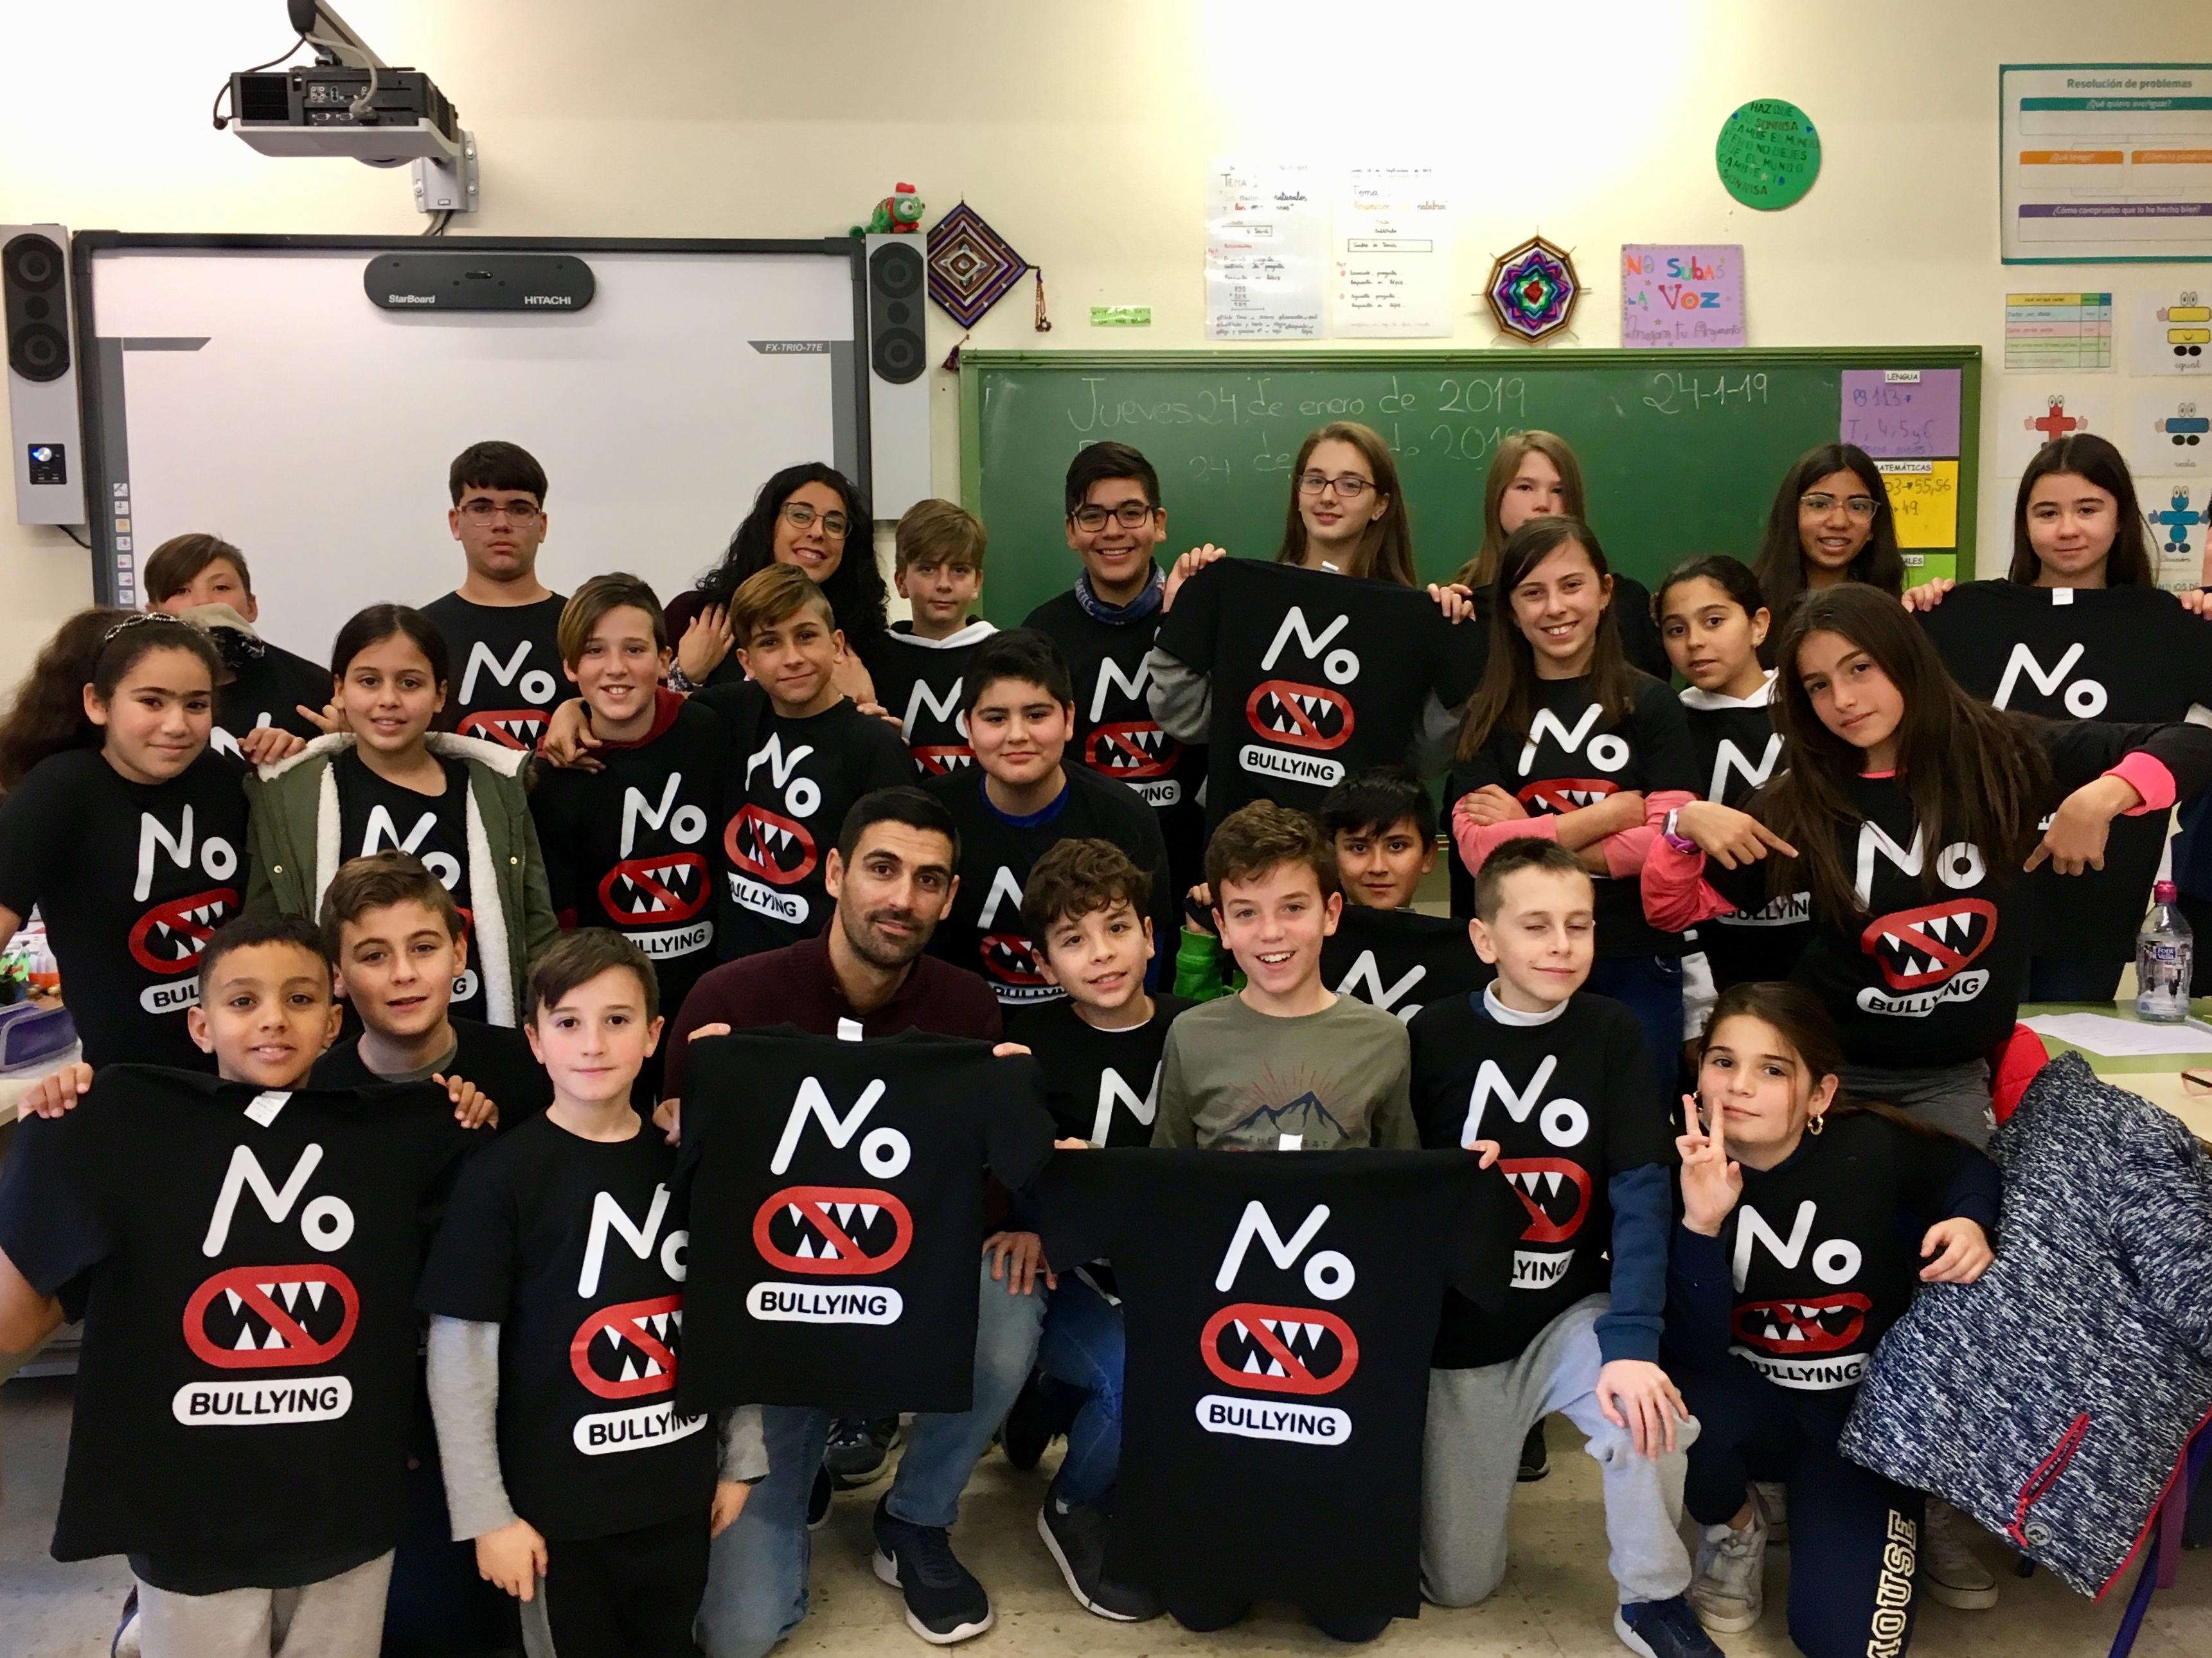 Memoria sobre la prevención del acoso escolar 2018-2019